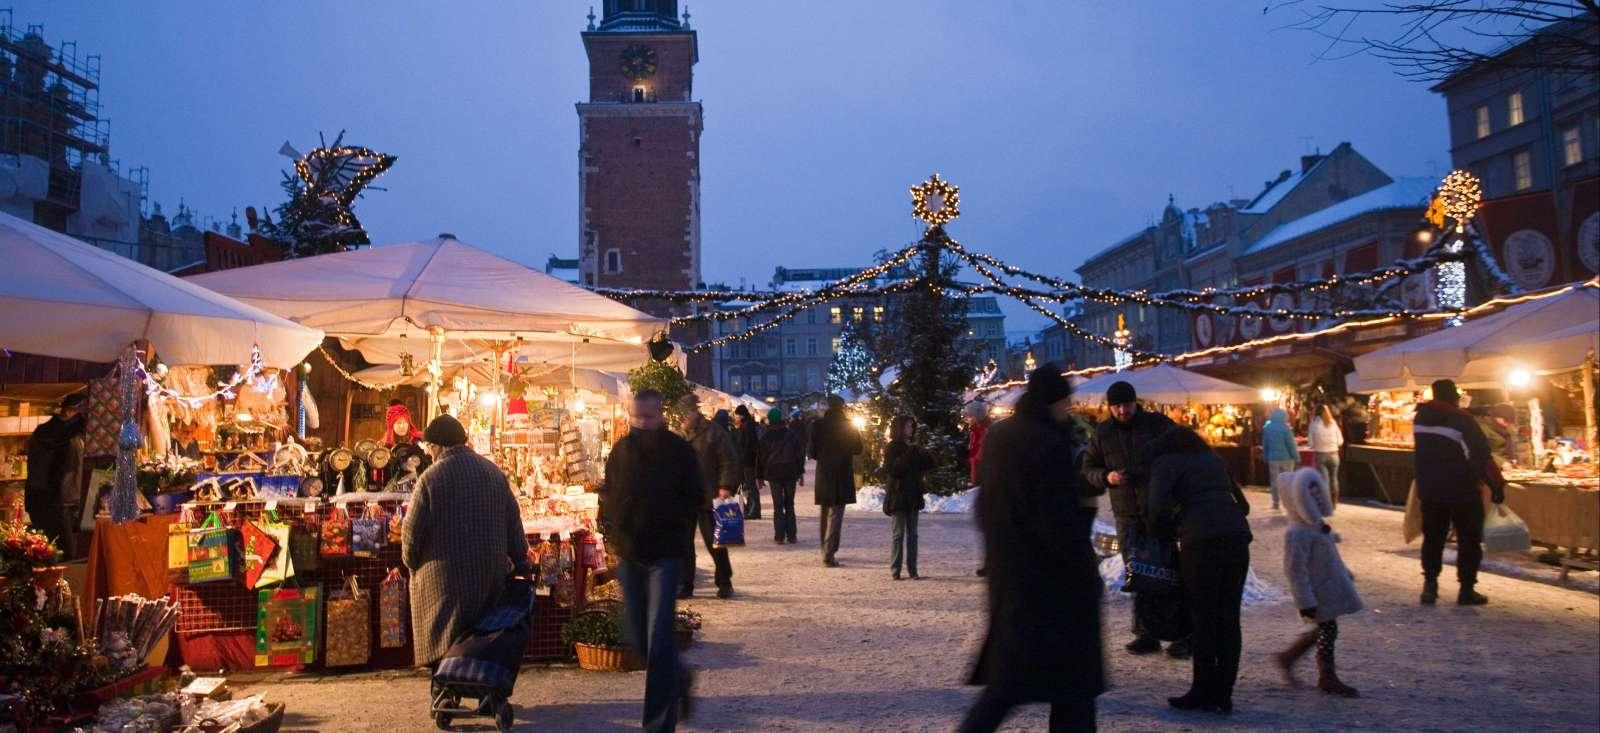 Voyage à pied : Flashez sur Cracovie en hiver !